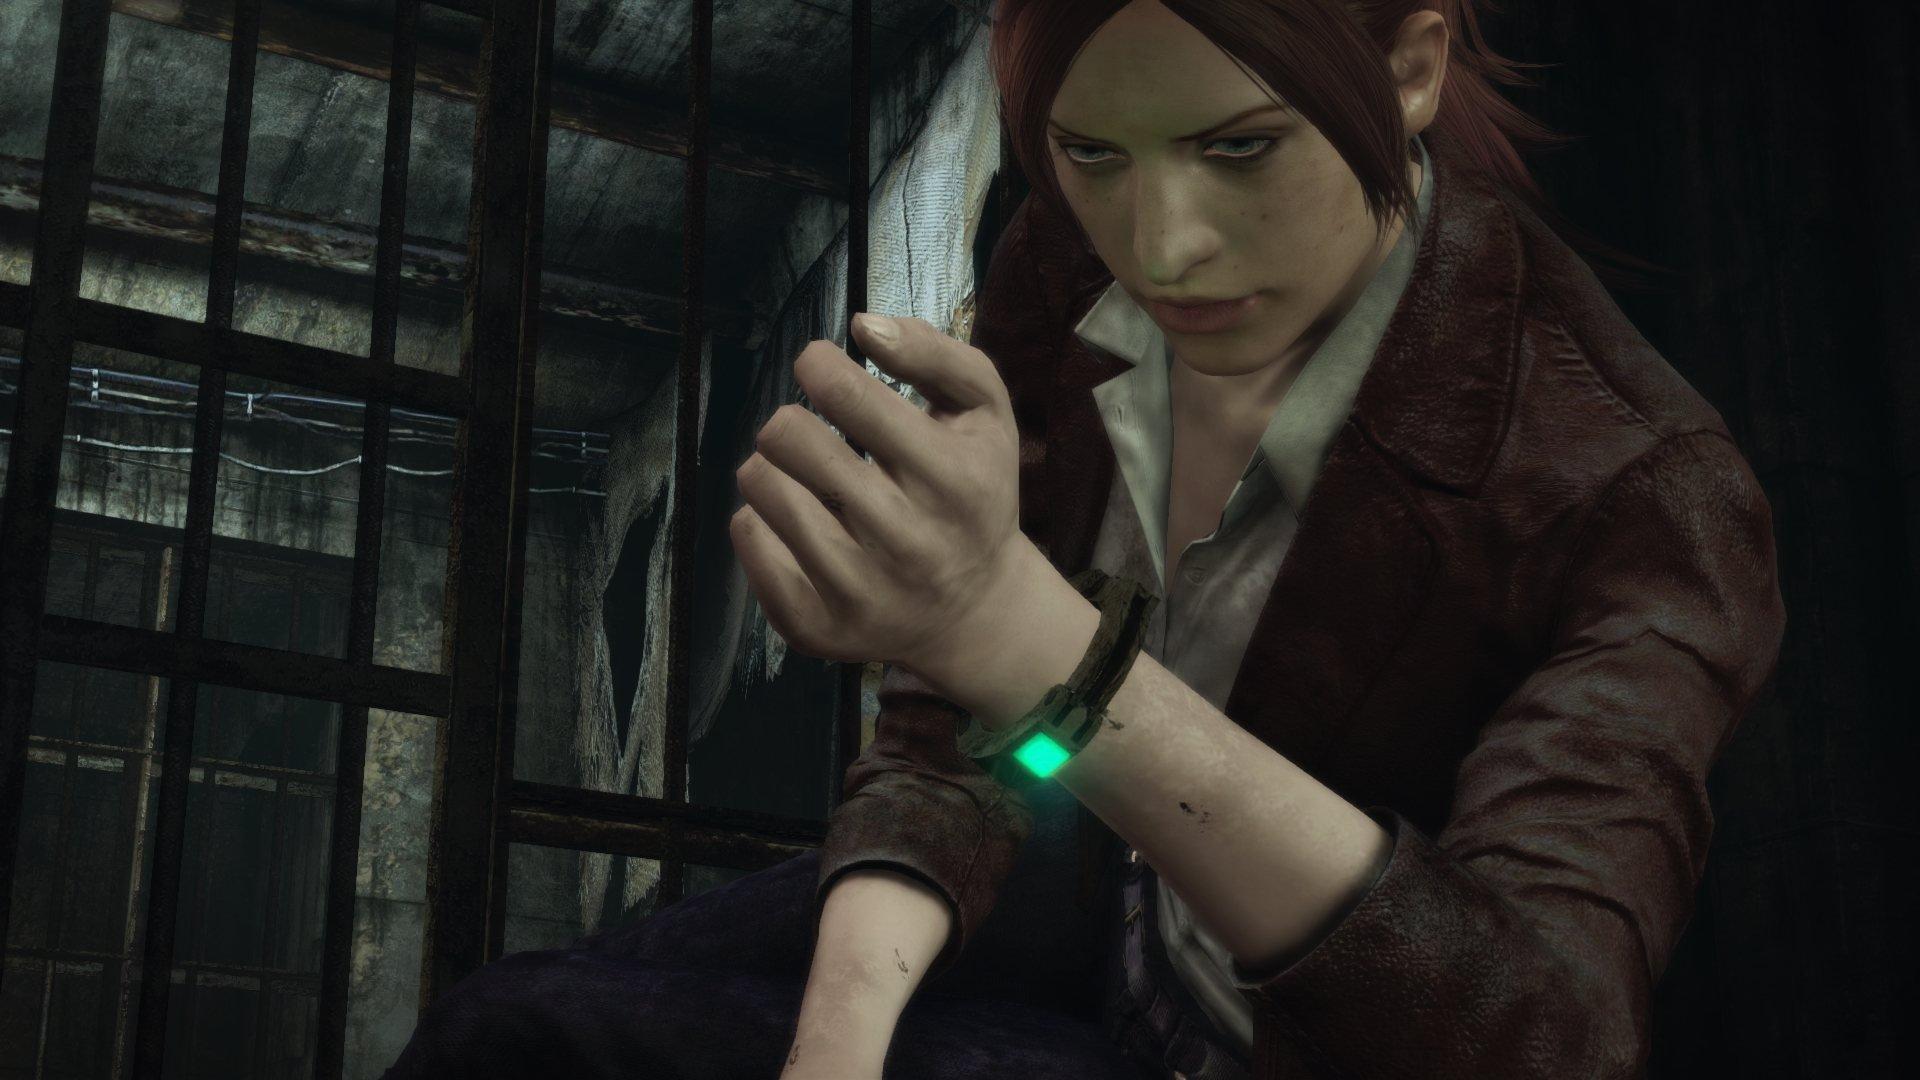 Превью-галерея: Resident Evil Revelations 2. Откровение? - Изображение 7